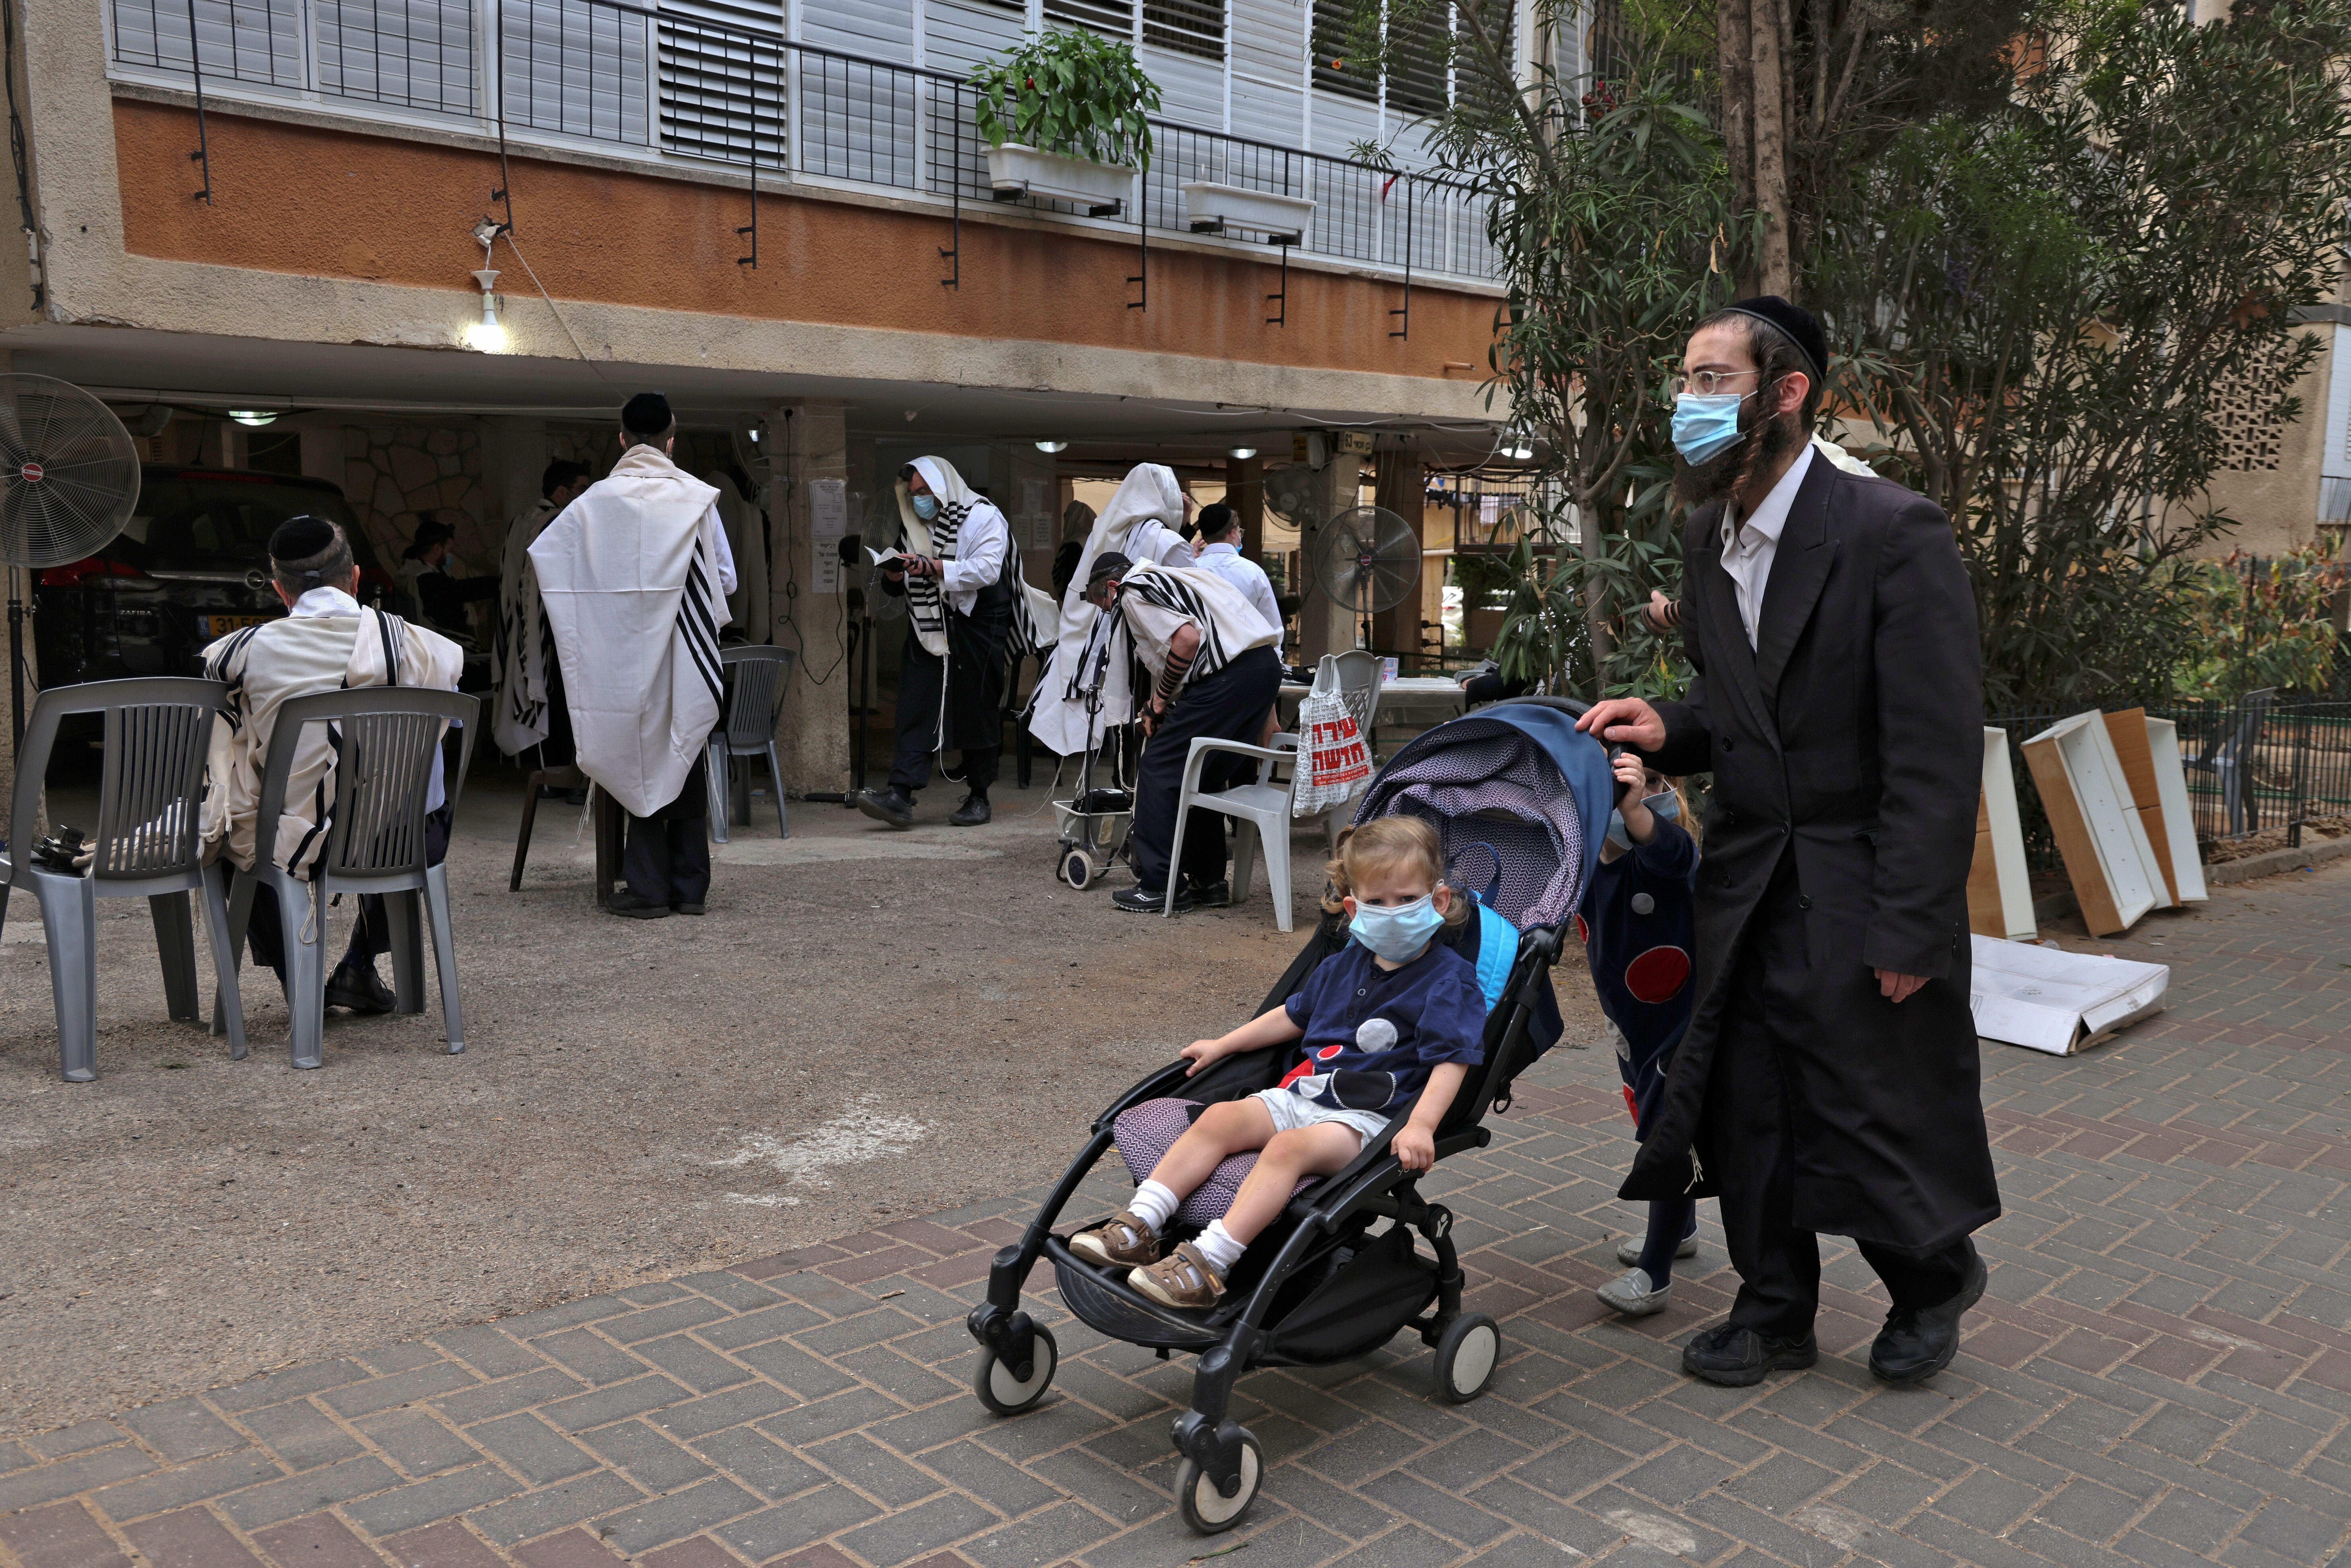 Dans la ville de Bnei Brak, près de Tel Aviv en Israël, le 7 septembre